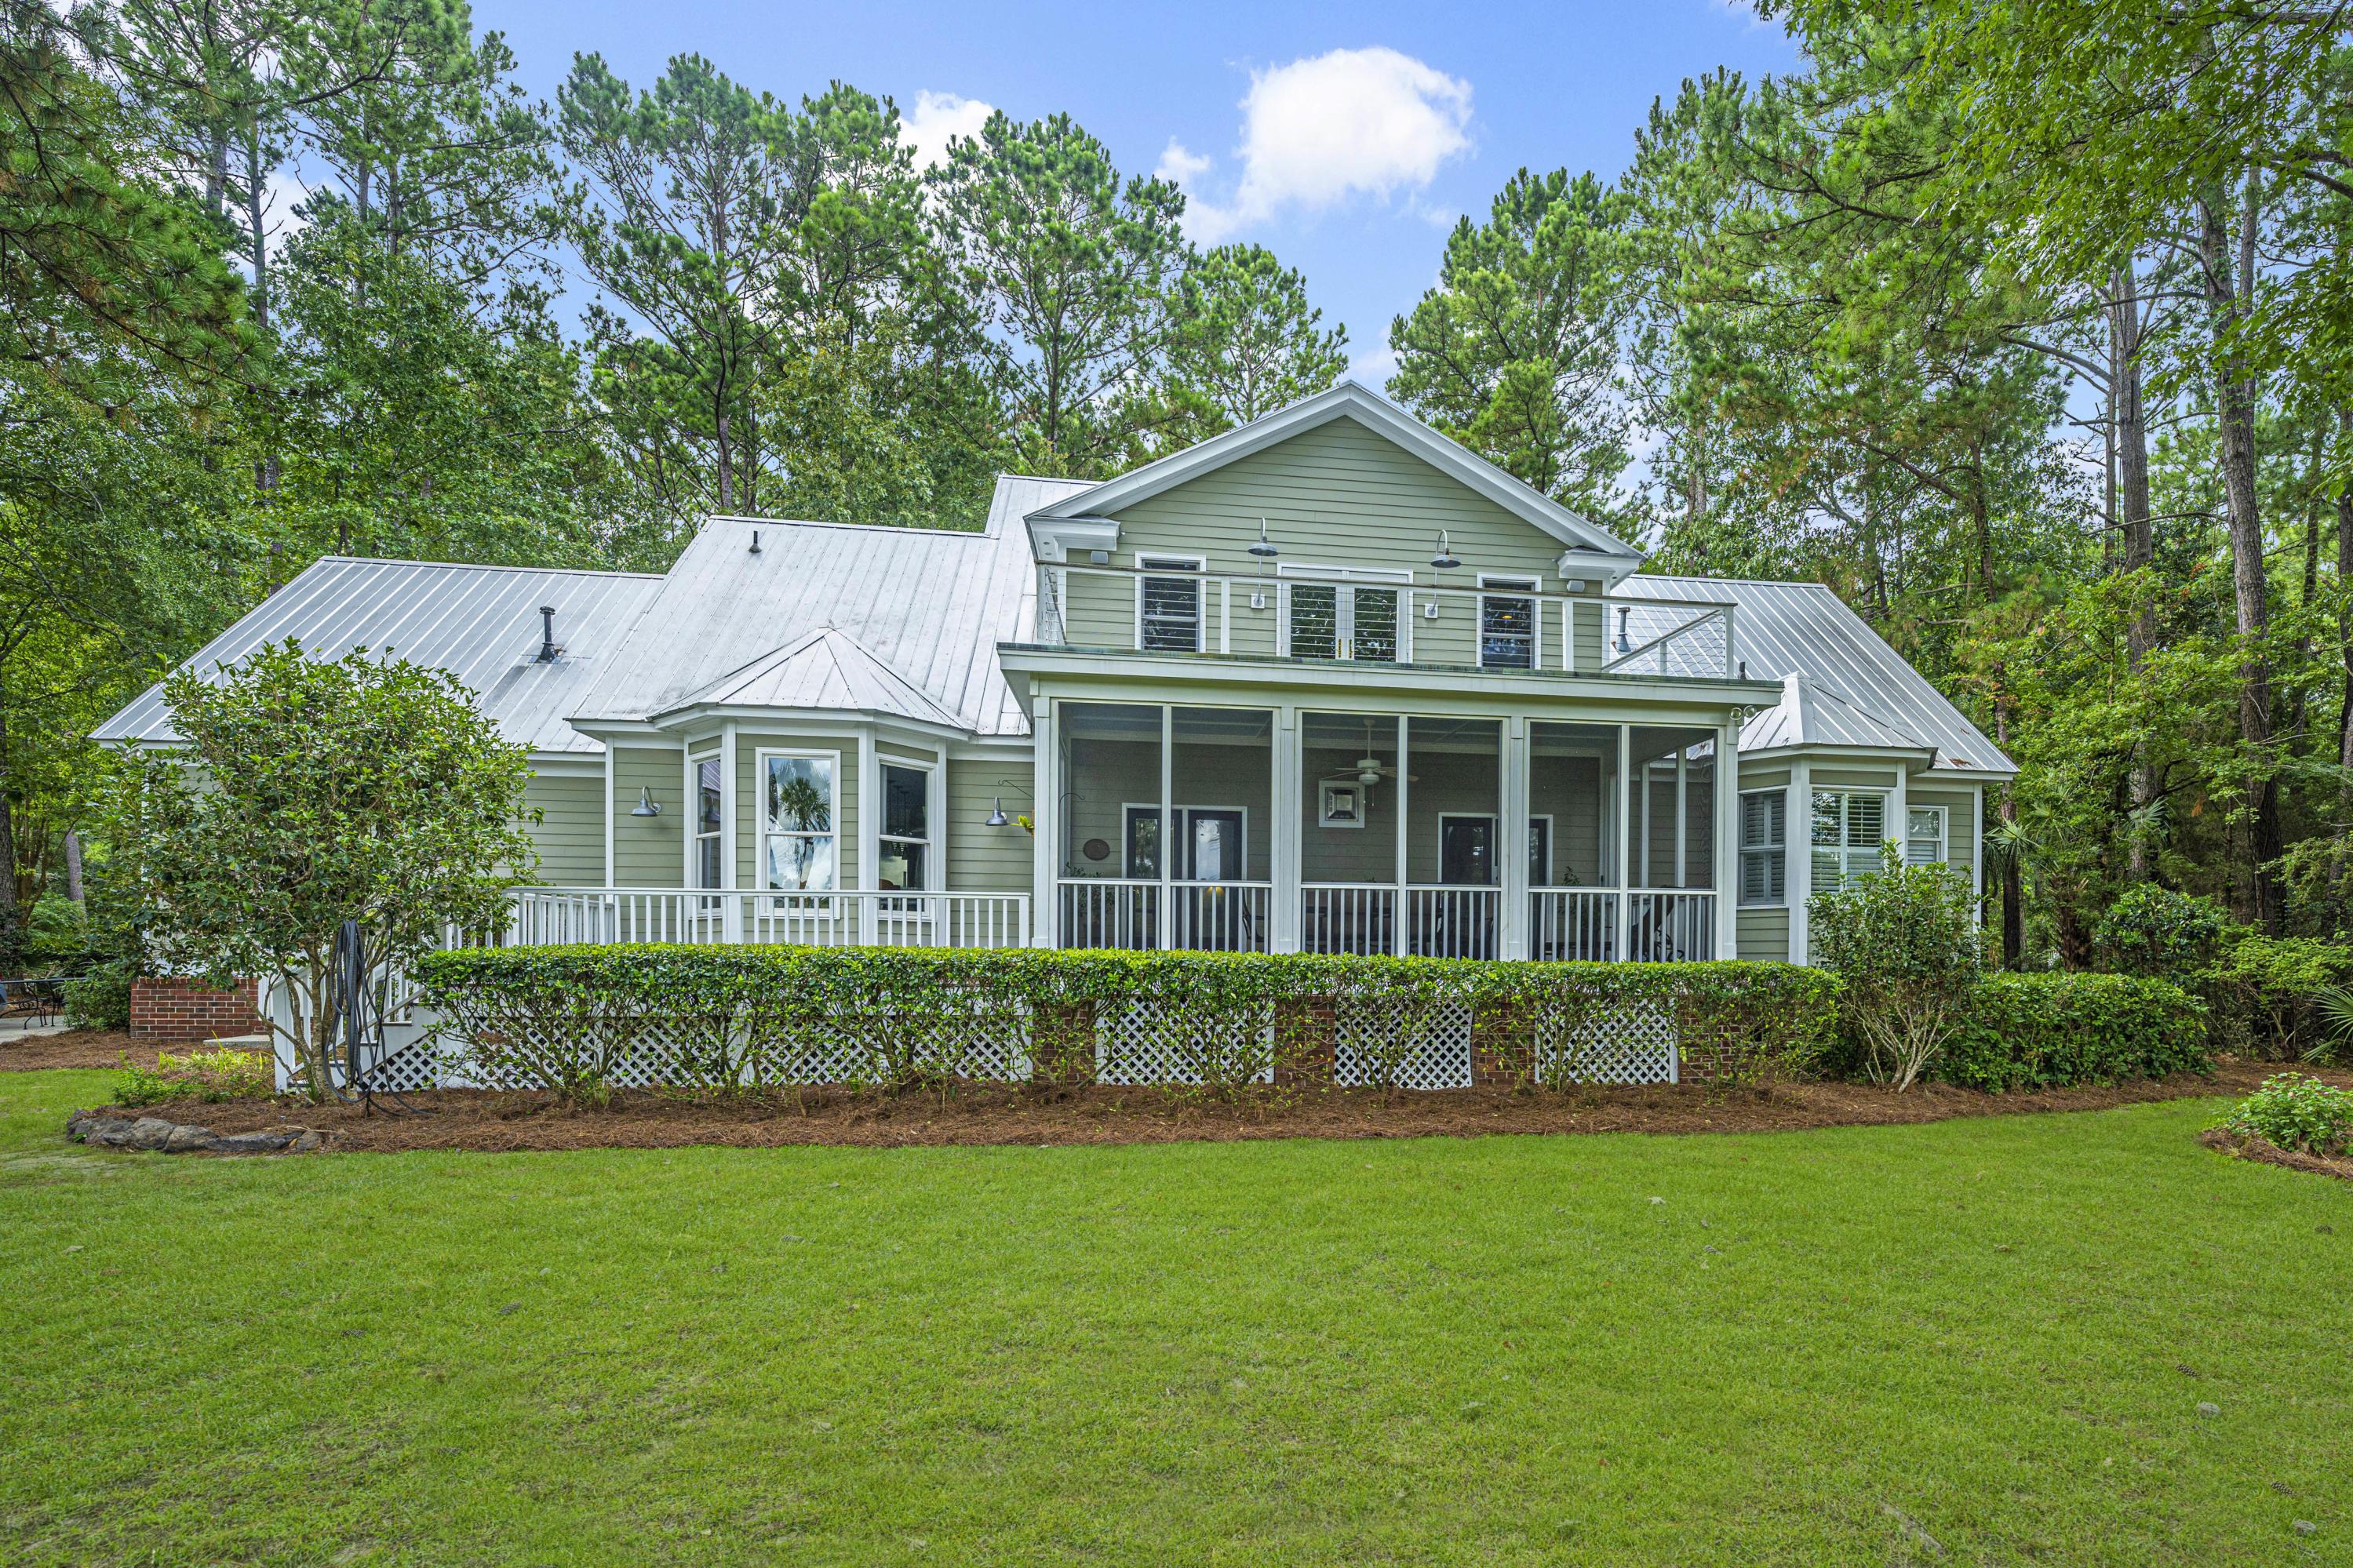 Dunes West Homes For Sale - 2230 Hugh Smith Court, Mount Pleasant, SC - 37